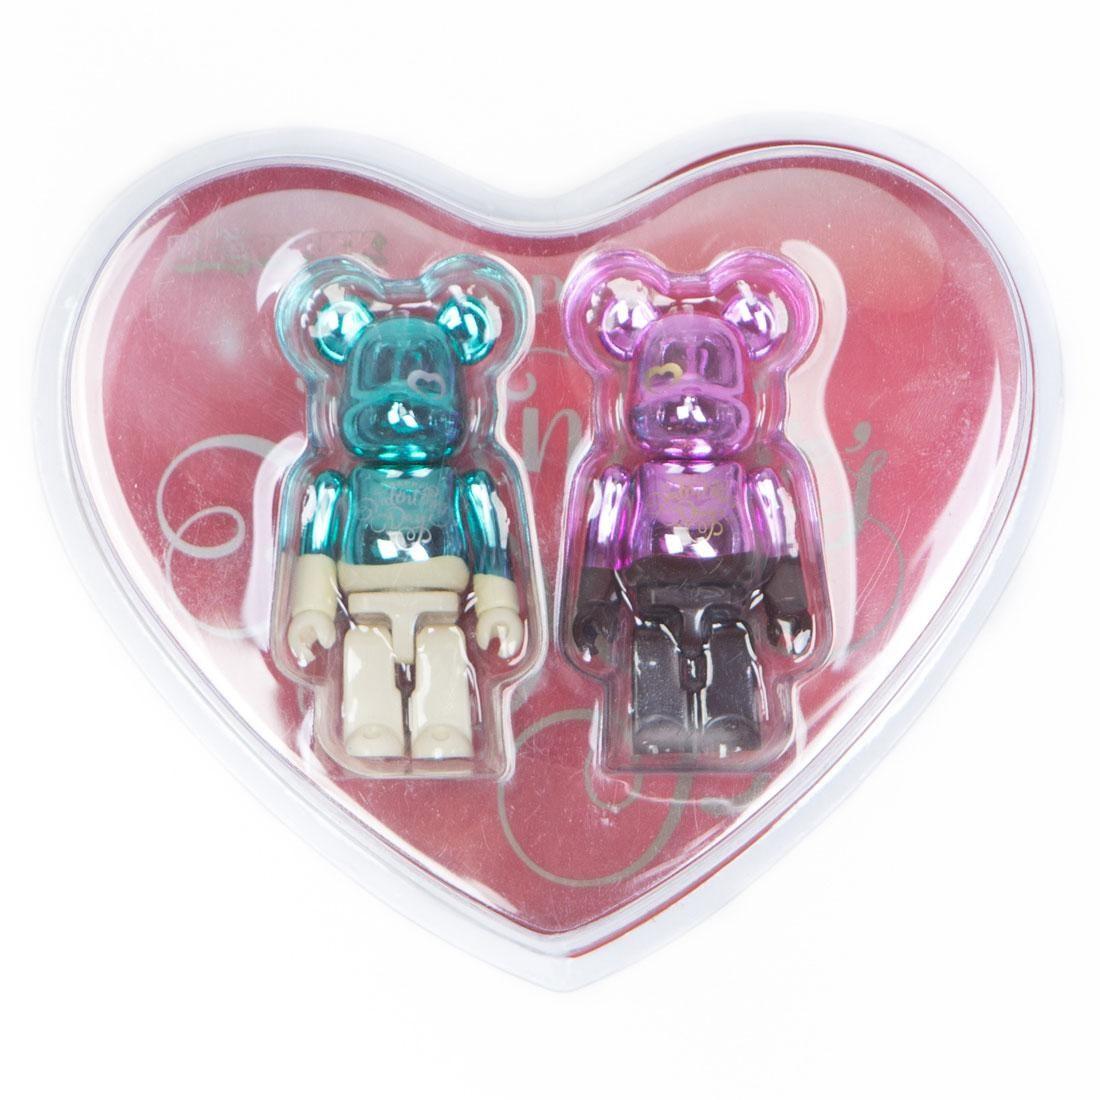 Medicom 2018 Valentine Bearbrick 2 Figure Set (teal / pink)